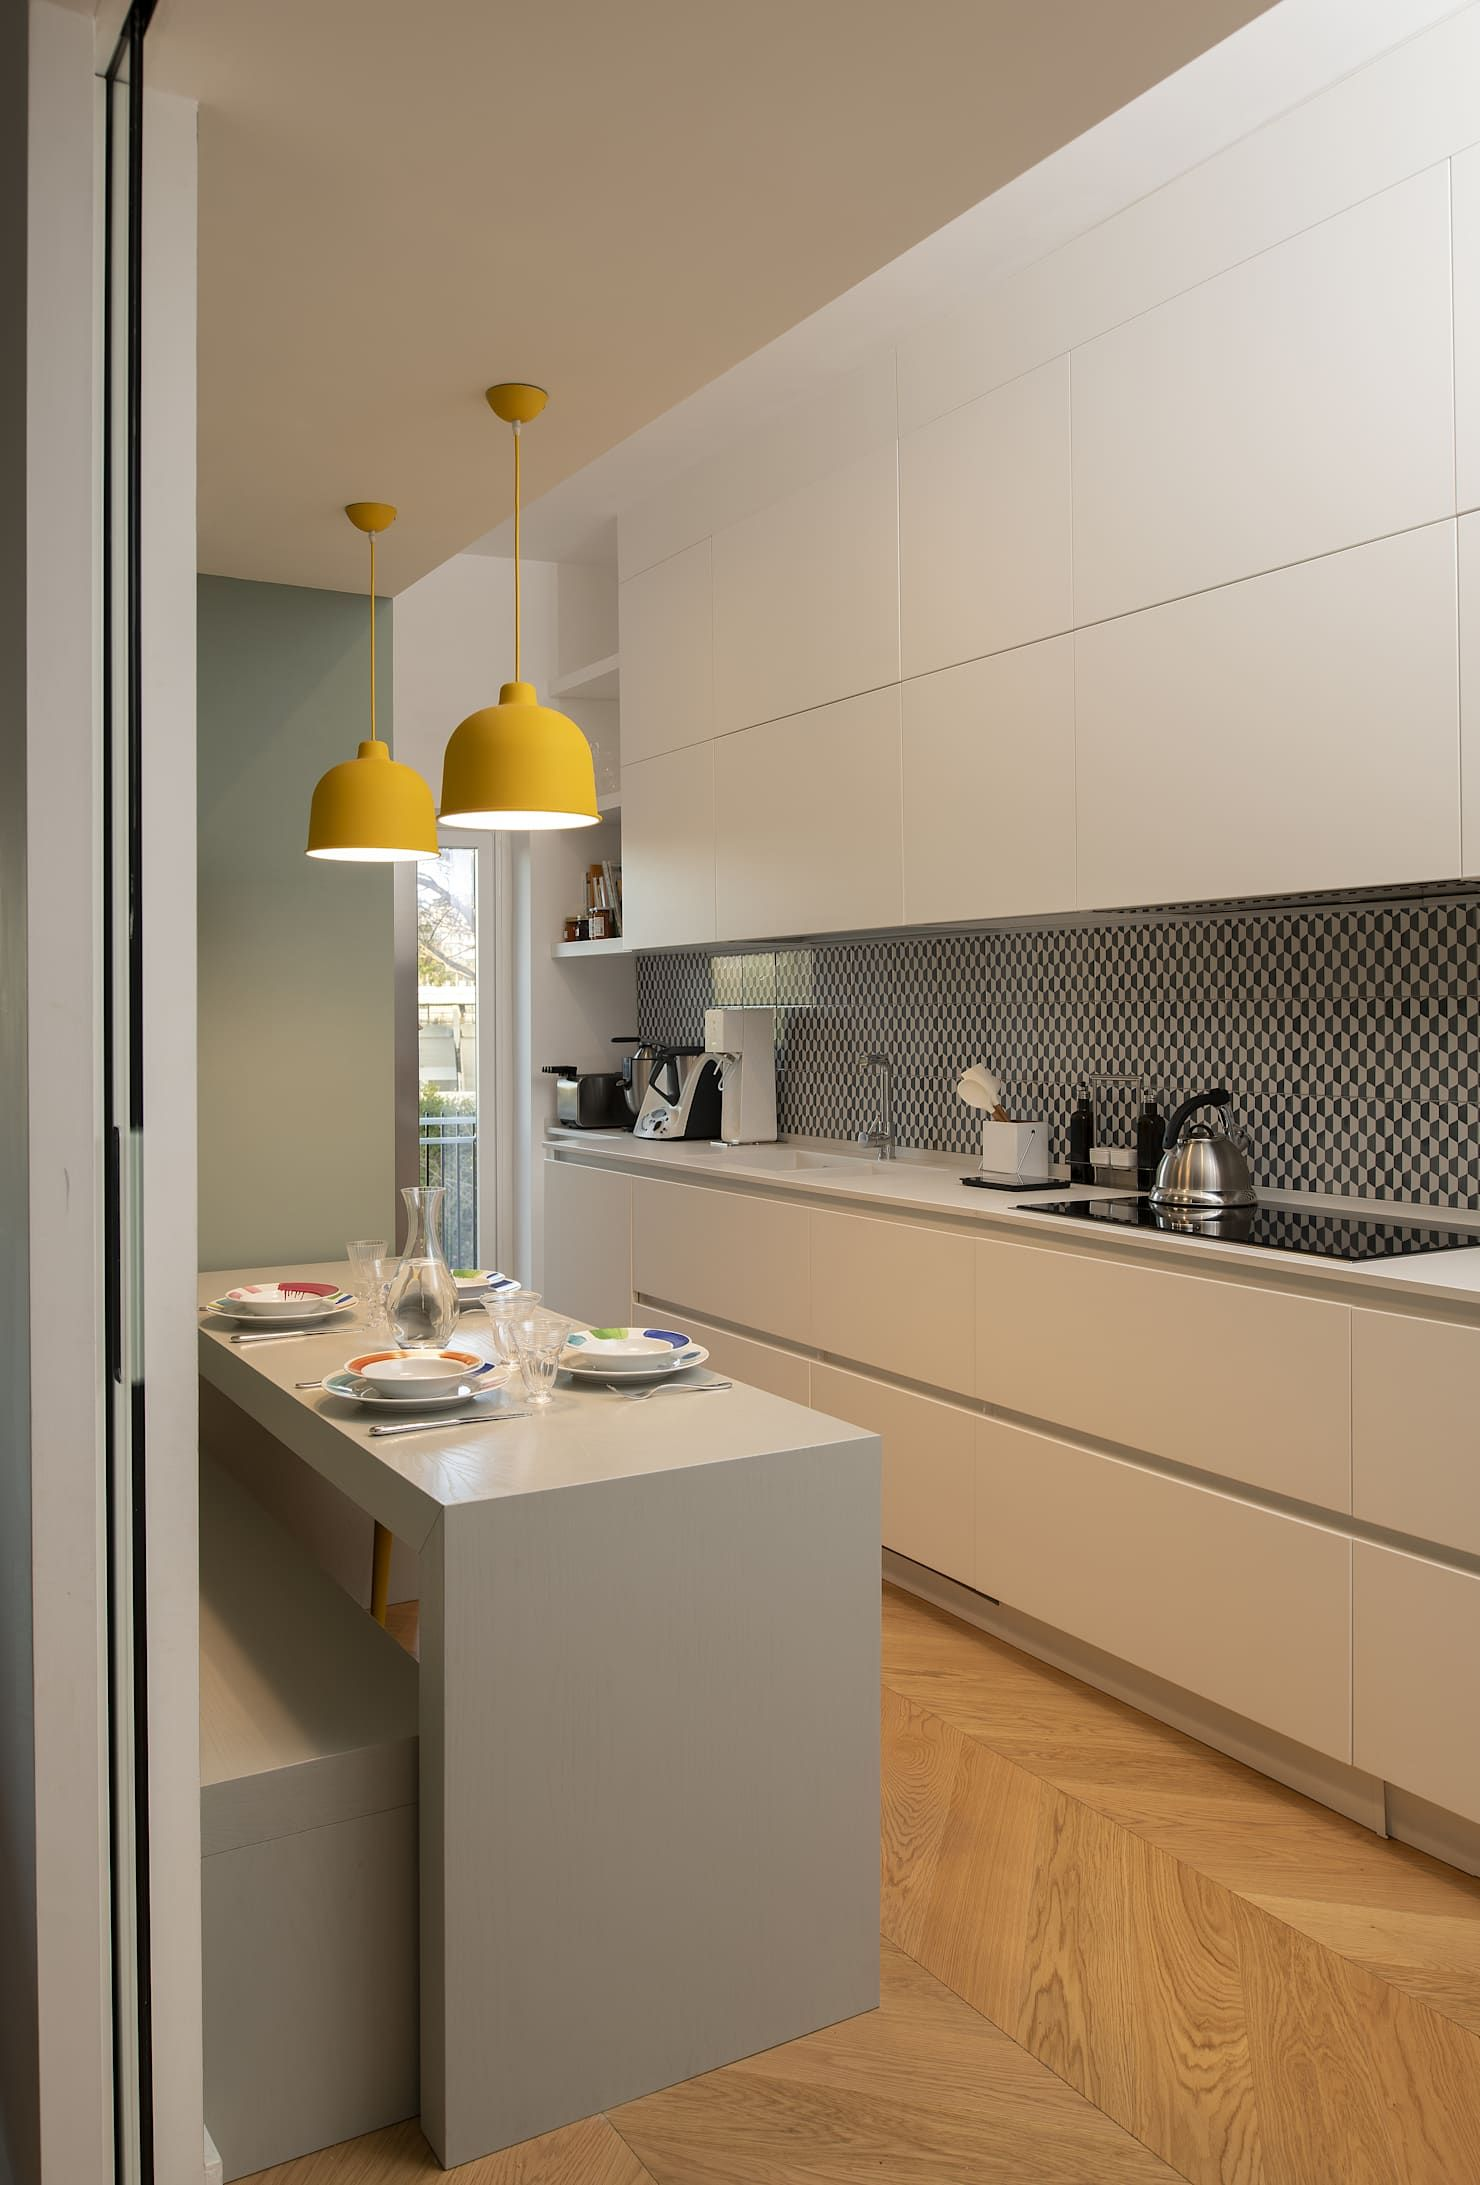 Alessandra Bianchi Architetto casa tiziano cucina moderna di arabella rocca architettura e